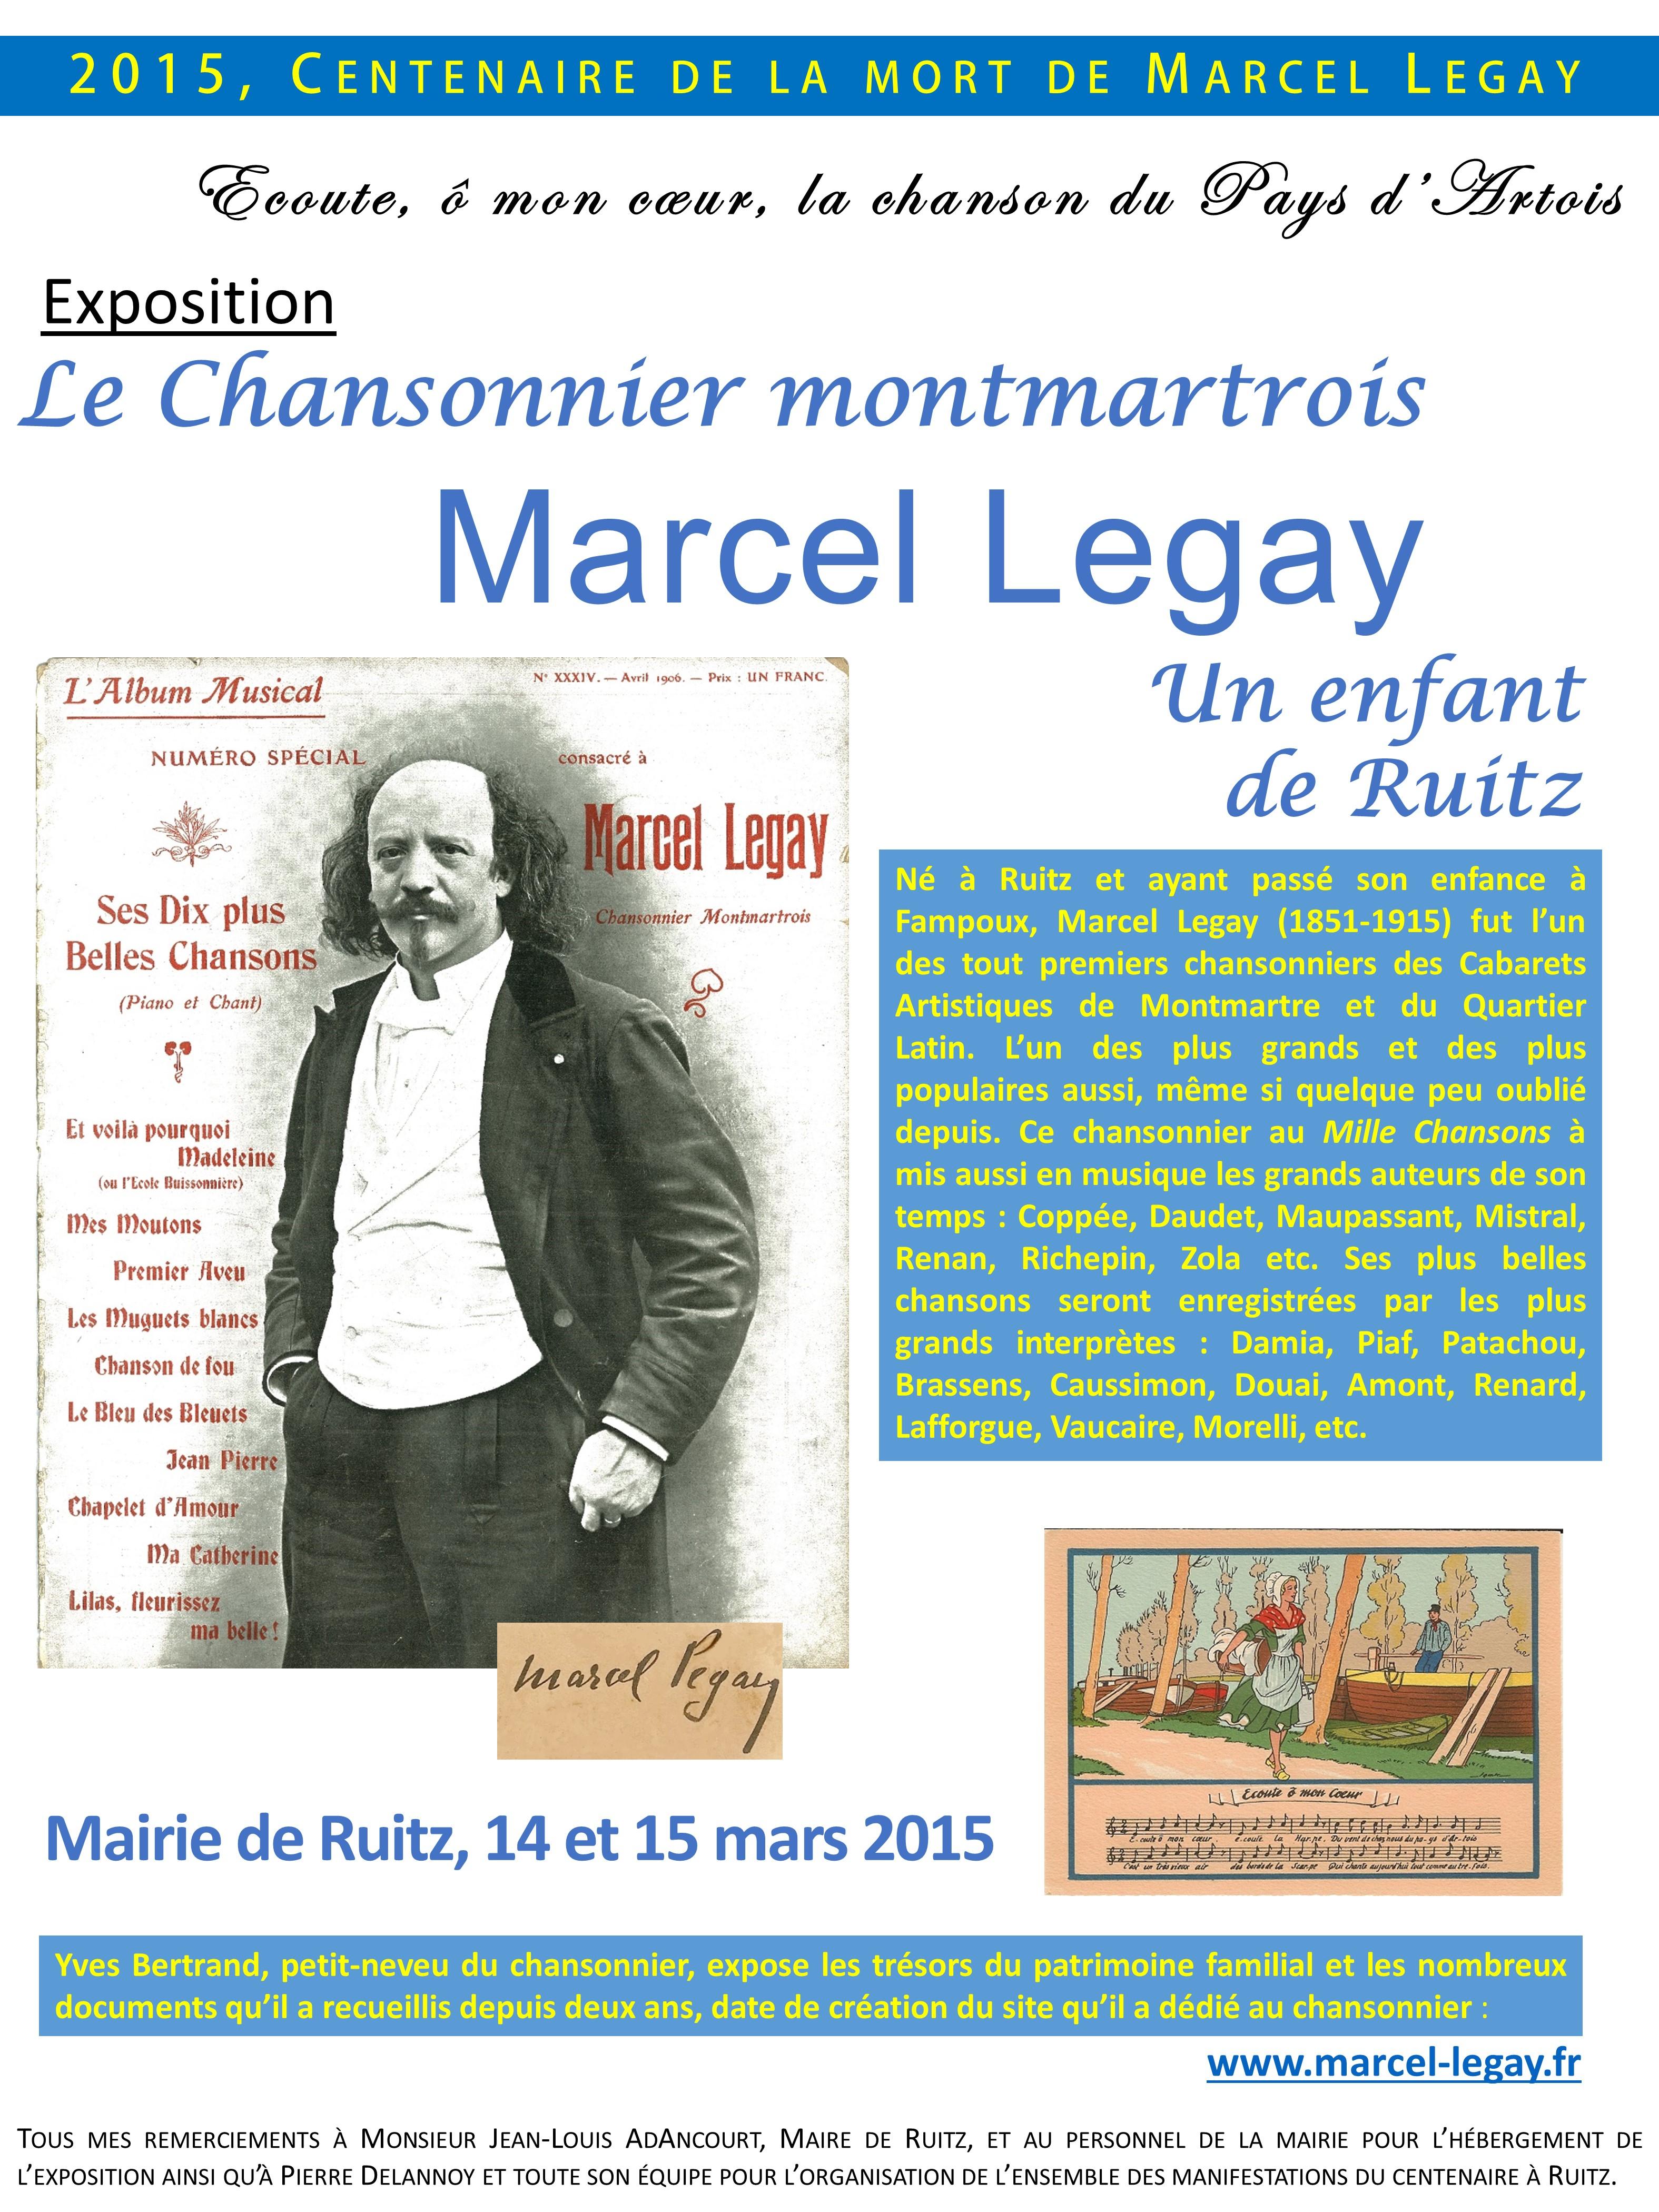 2015-03-14-15_Affiche_Expo Marcel Legay à Ruitz